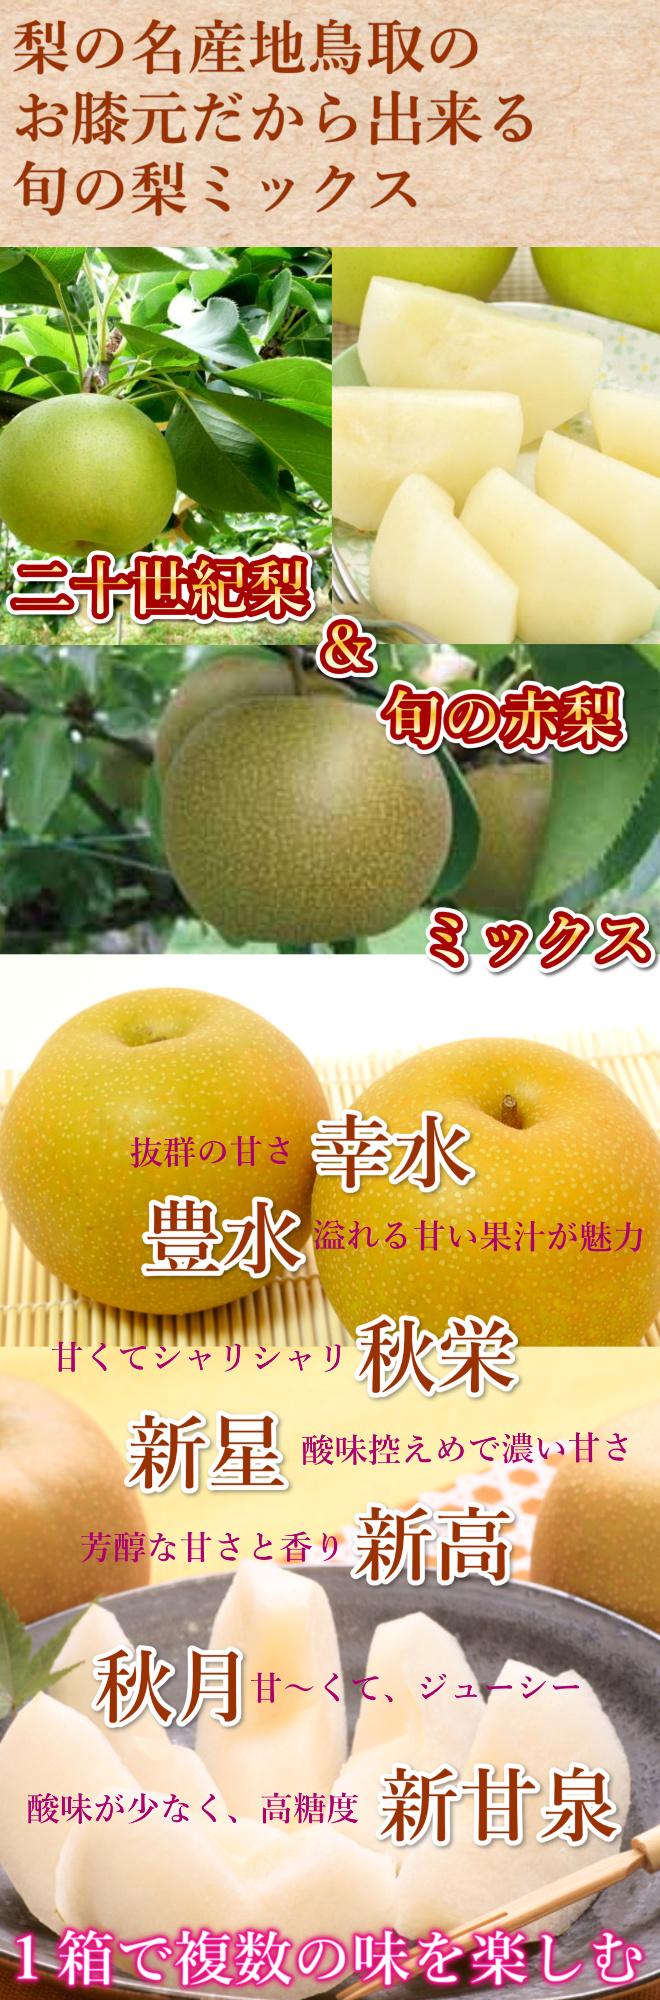 鳥取 二十世紀梨, 赤梨, 幸水梨,秋栄